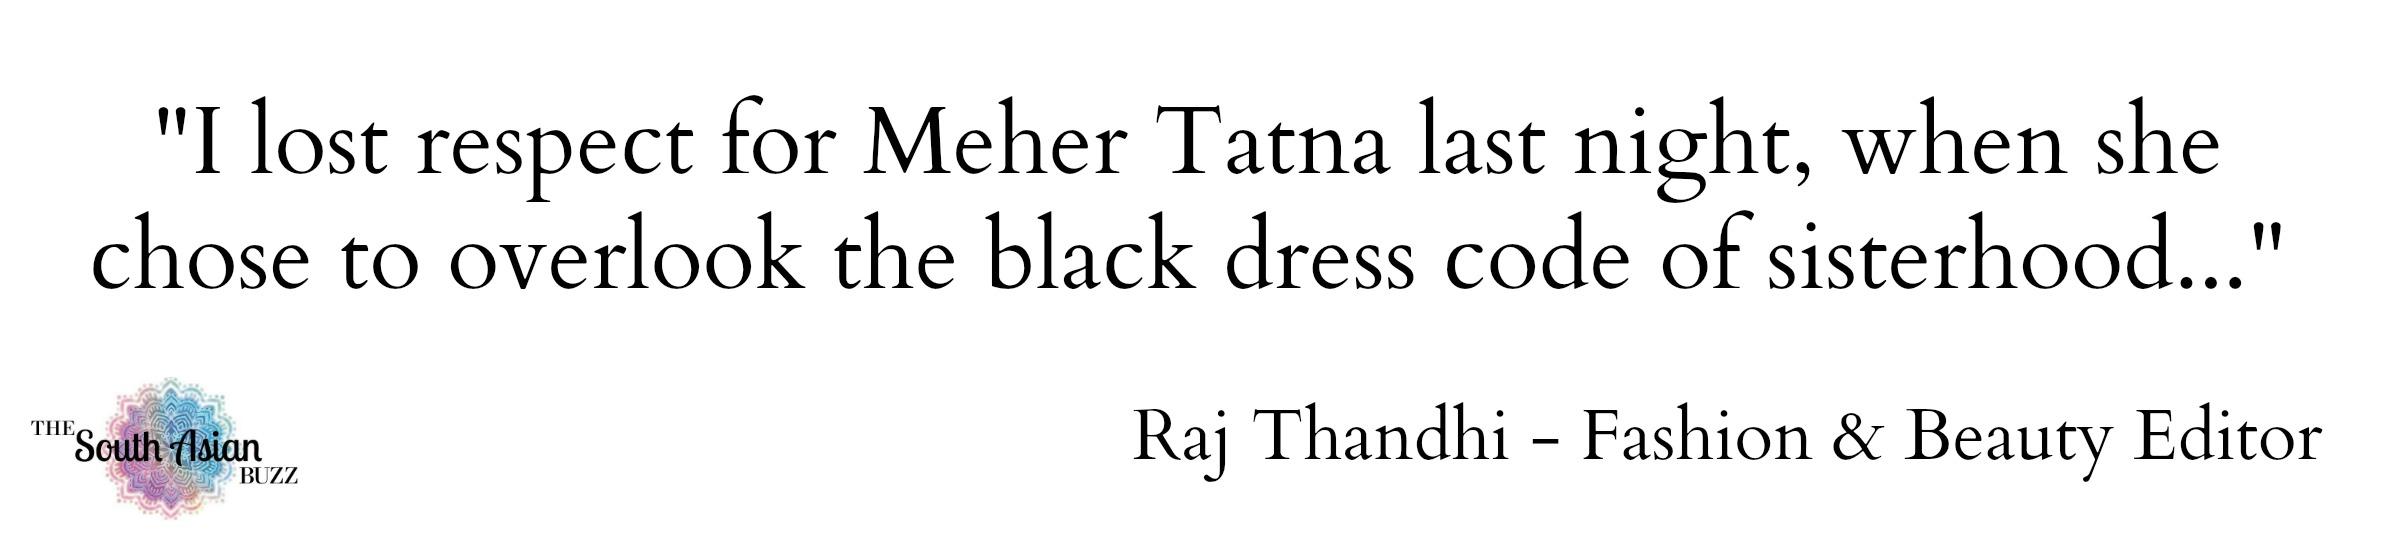 Meher Tatna